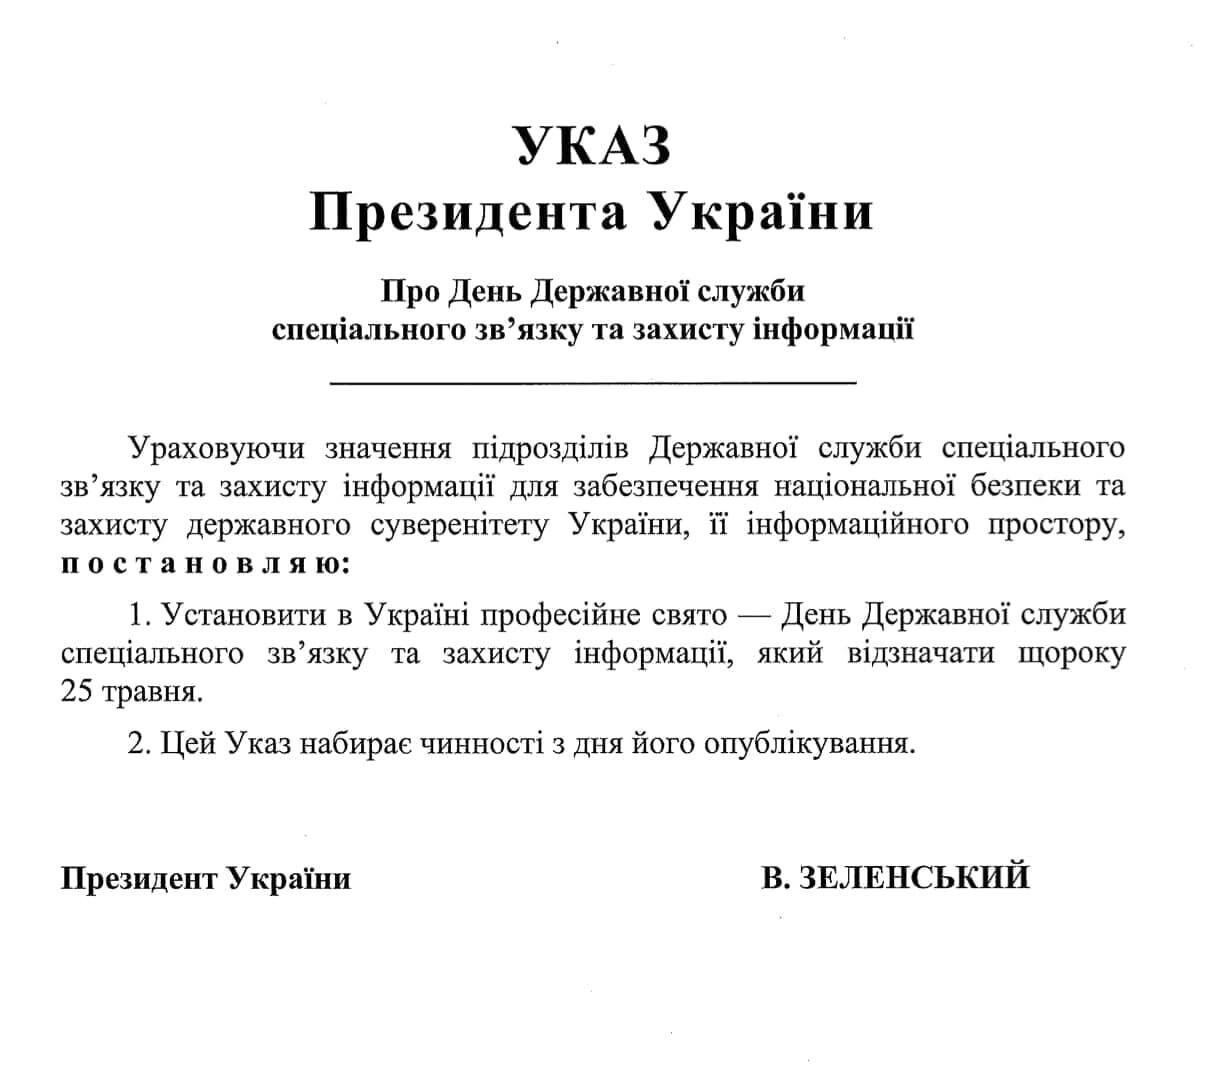 Telegram Алексея Гончаренко